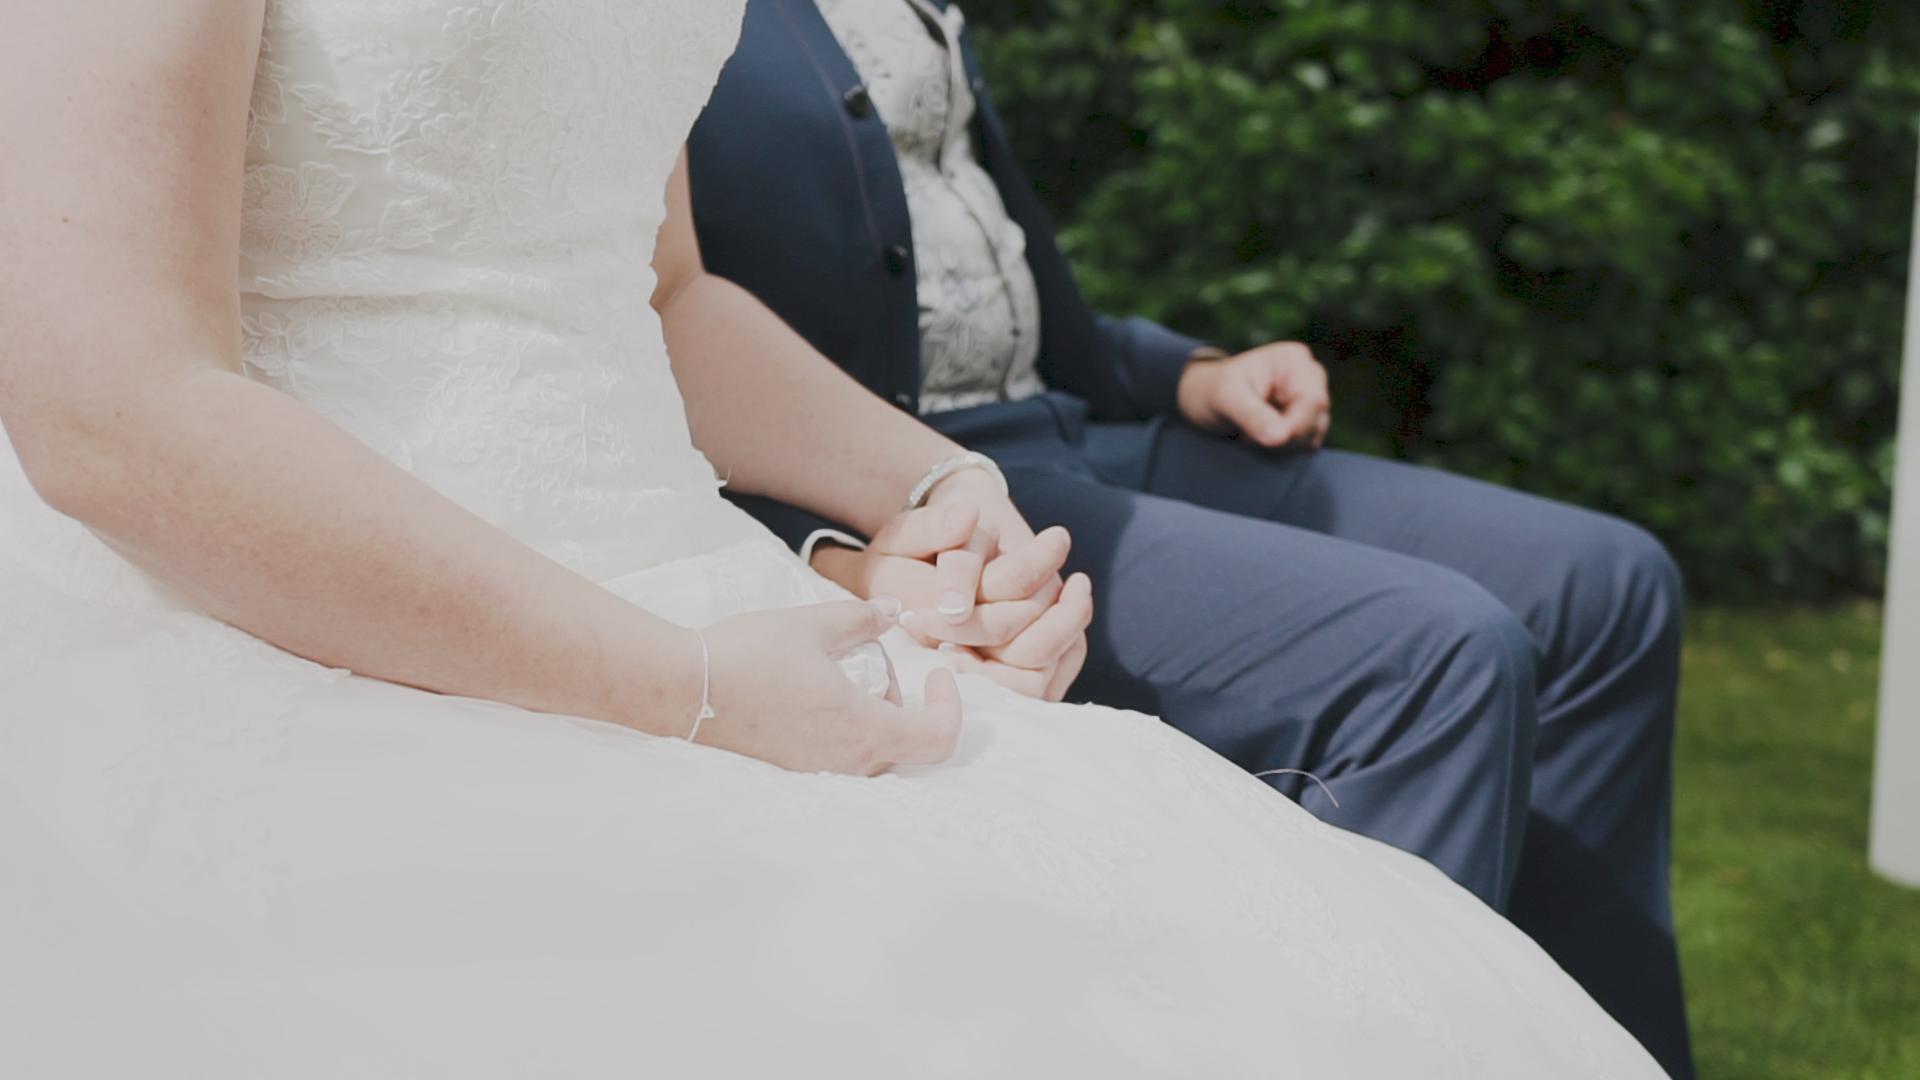 - Op zoek naar een videograaf voor de mooiste dag van jullie leven? Zoek niet verder! Pluijm Productions helpt jou aan een onvergetelijk overzicht van jullie trouwdag.